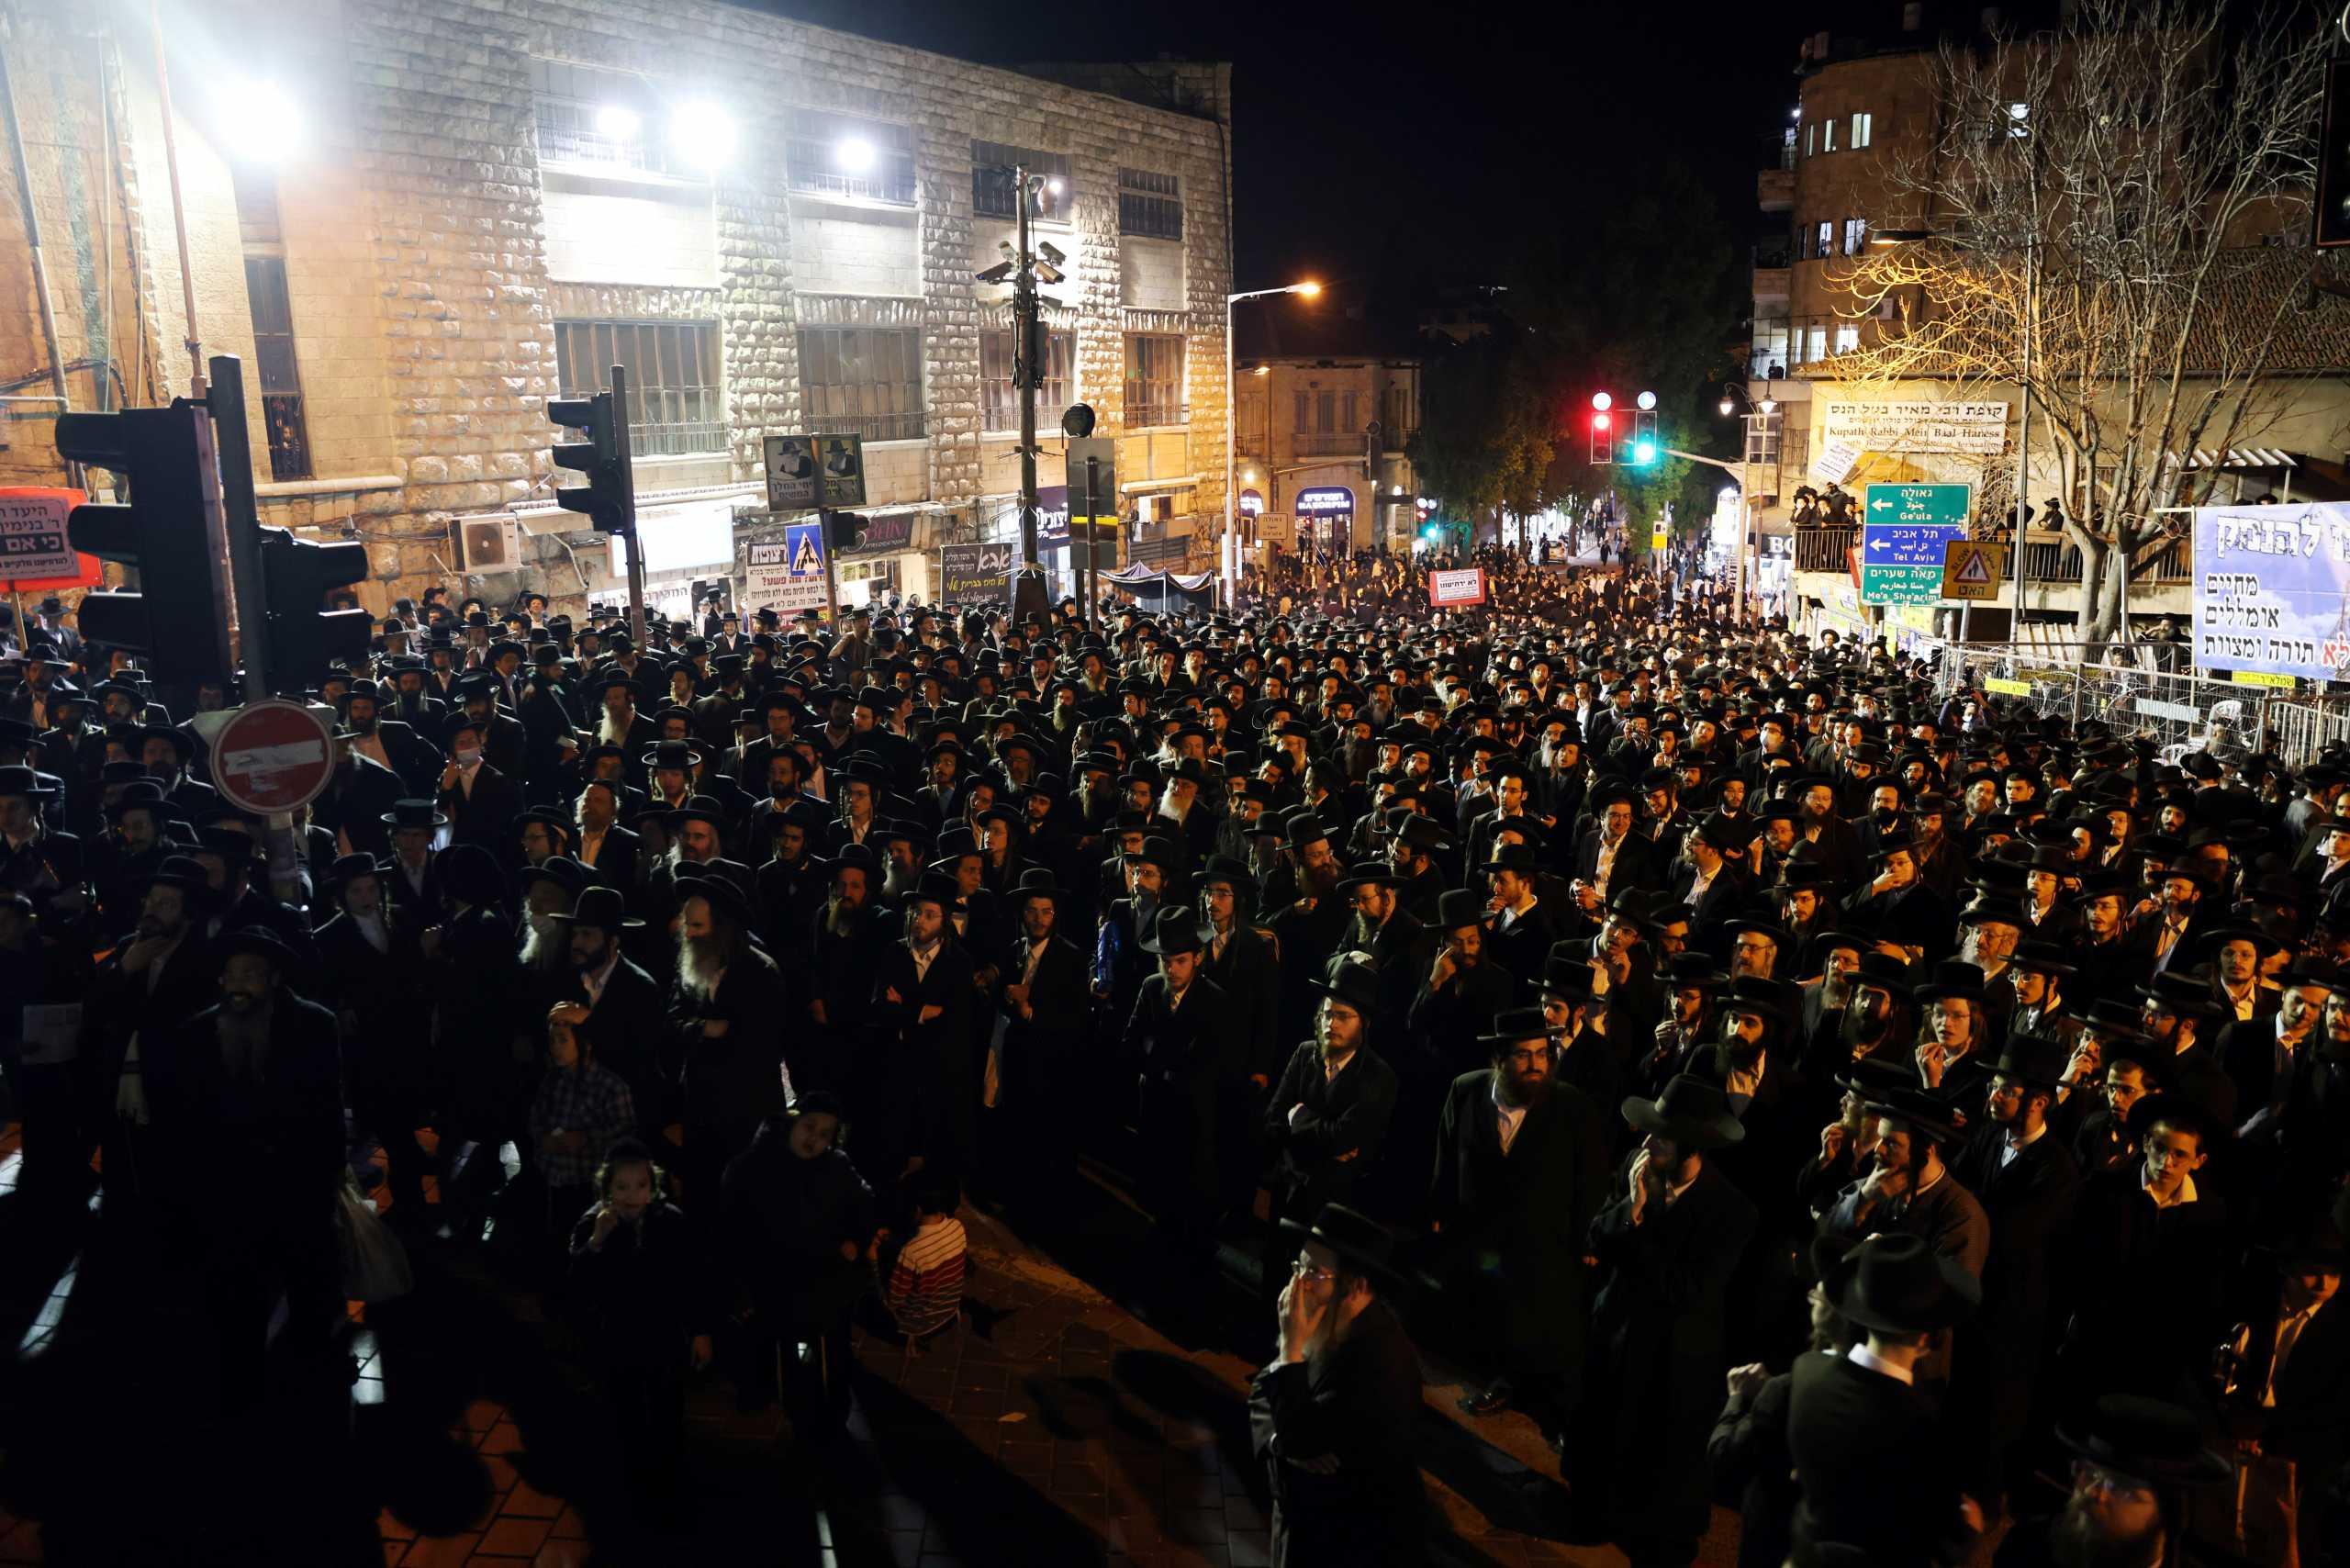 Ισραήλ: Επεισόδια και συλλήψεις σε συνοικίες υπερορθόδοξων Εβραίων – Αντιδρούν στα μέτρα για τον κορονοϊό (pics, vid)